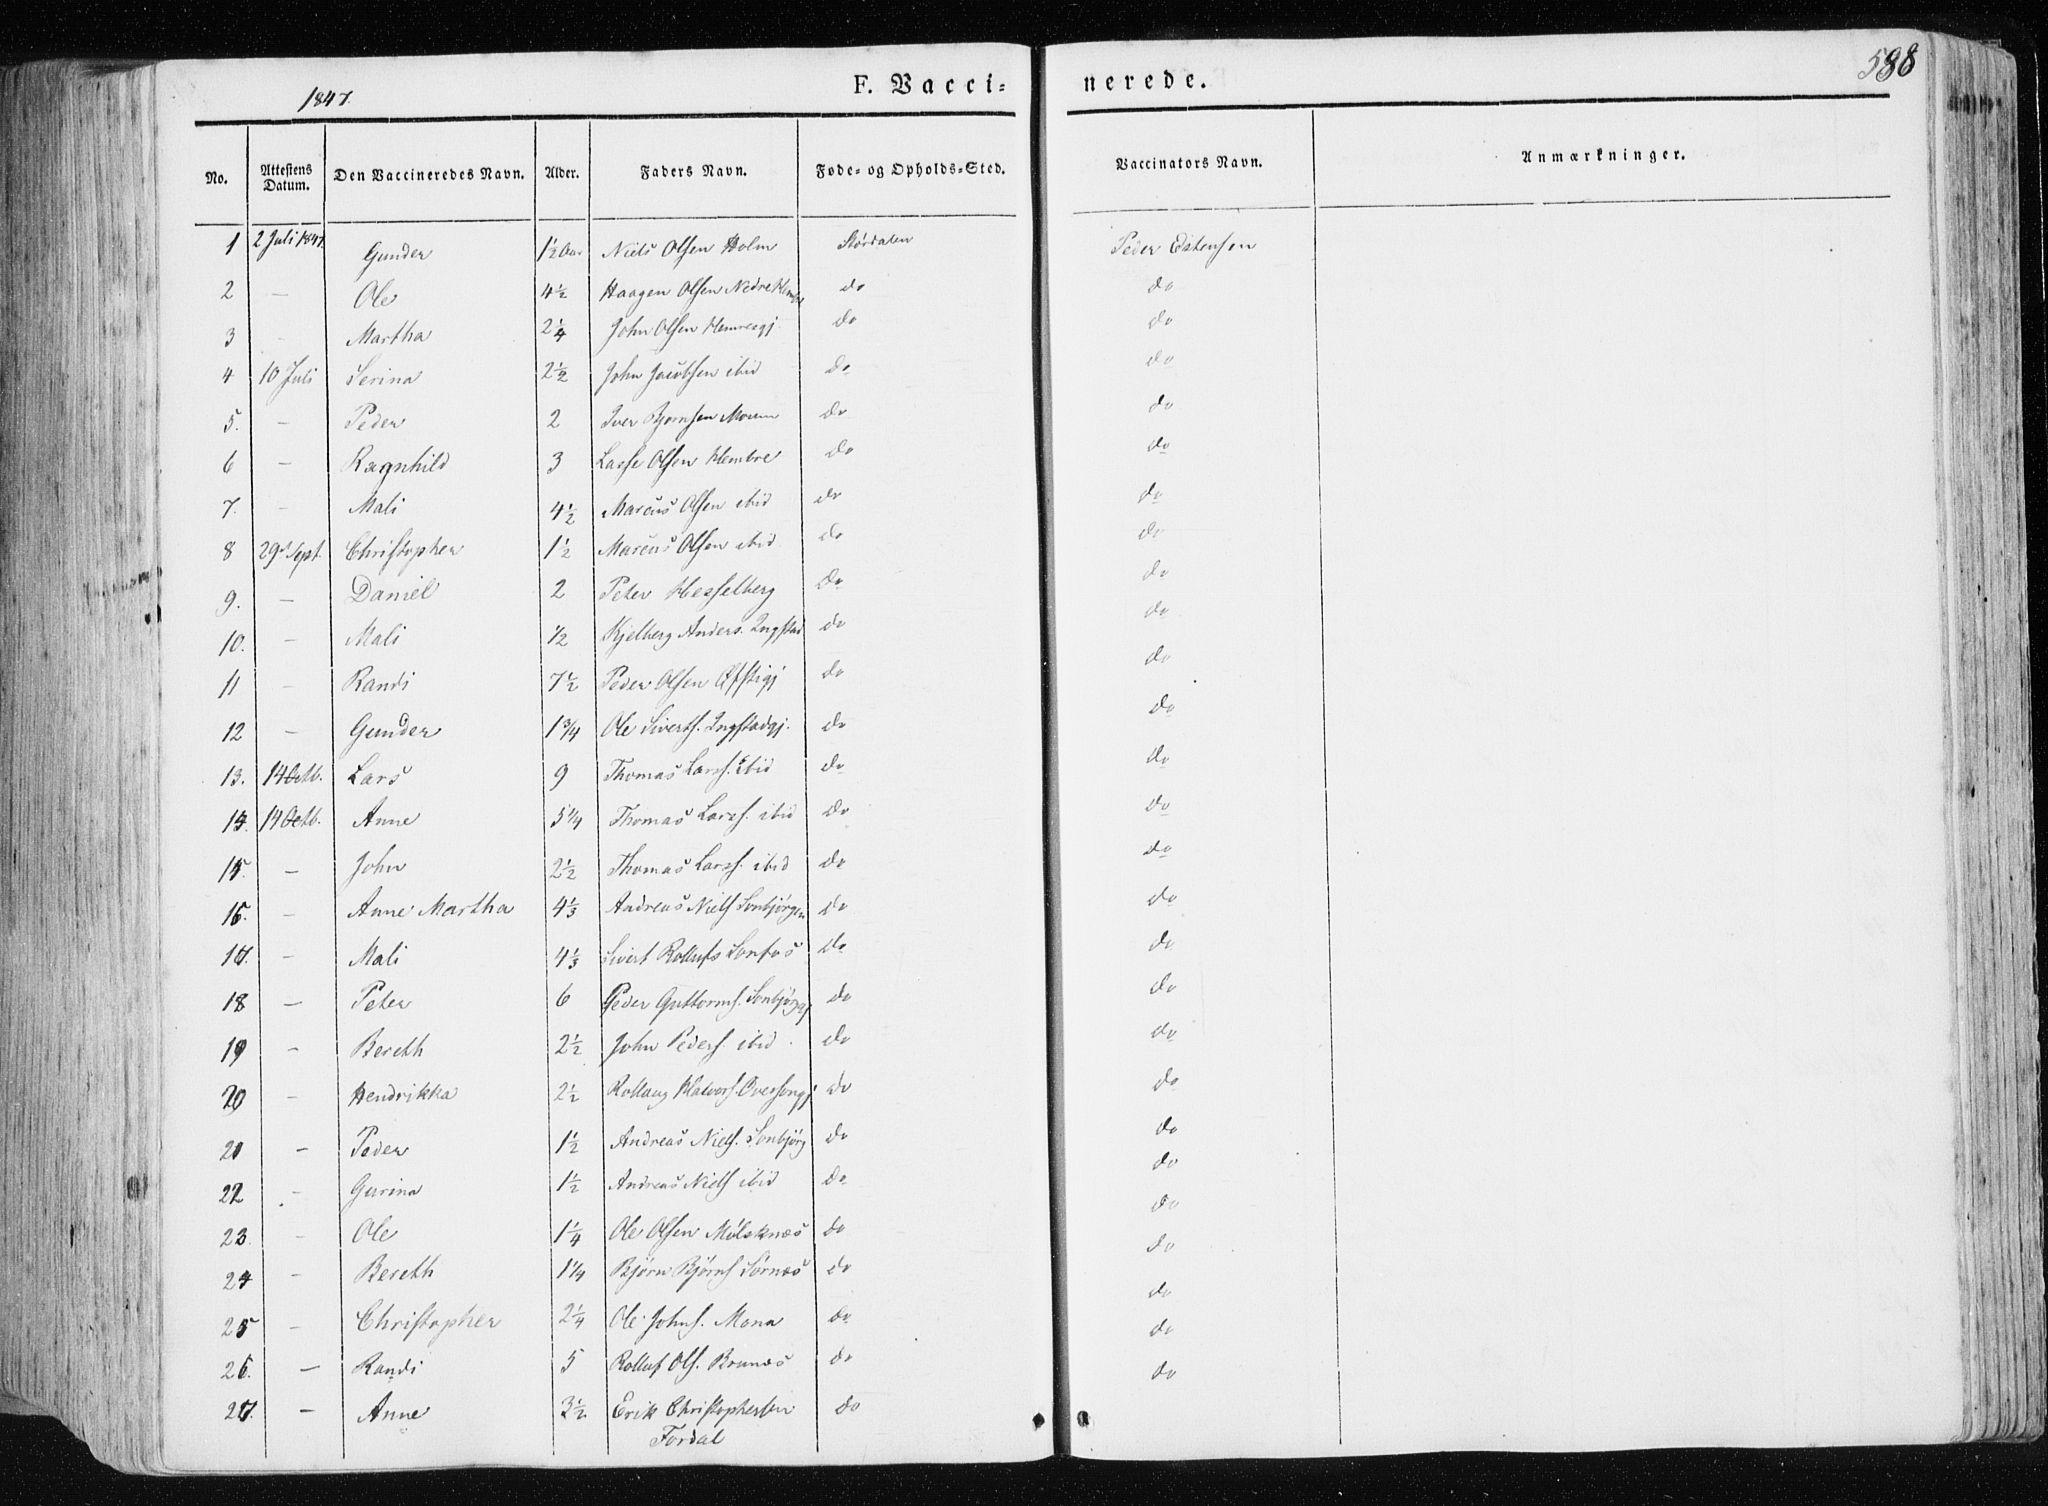 SAT, Ministerialprotokoller, klokkerbøker og fødselsregistre - Nord-Trøndelag, 709/L0074: Ministerialbok nr. 709A14, 1845-1858, s. 588